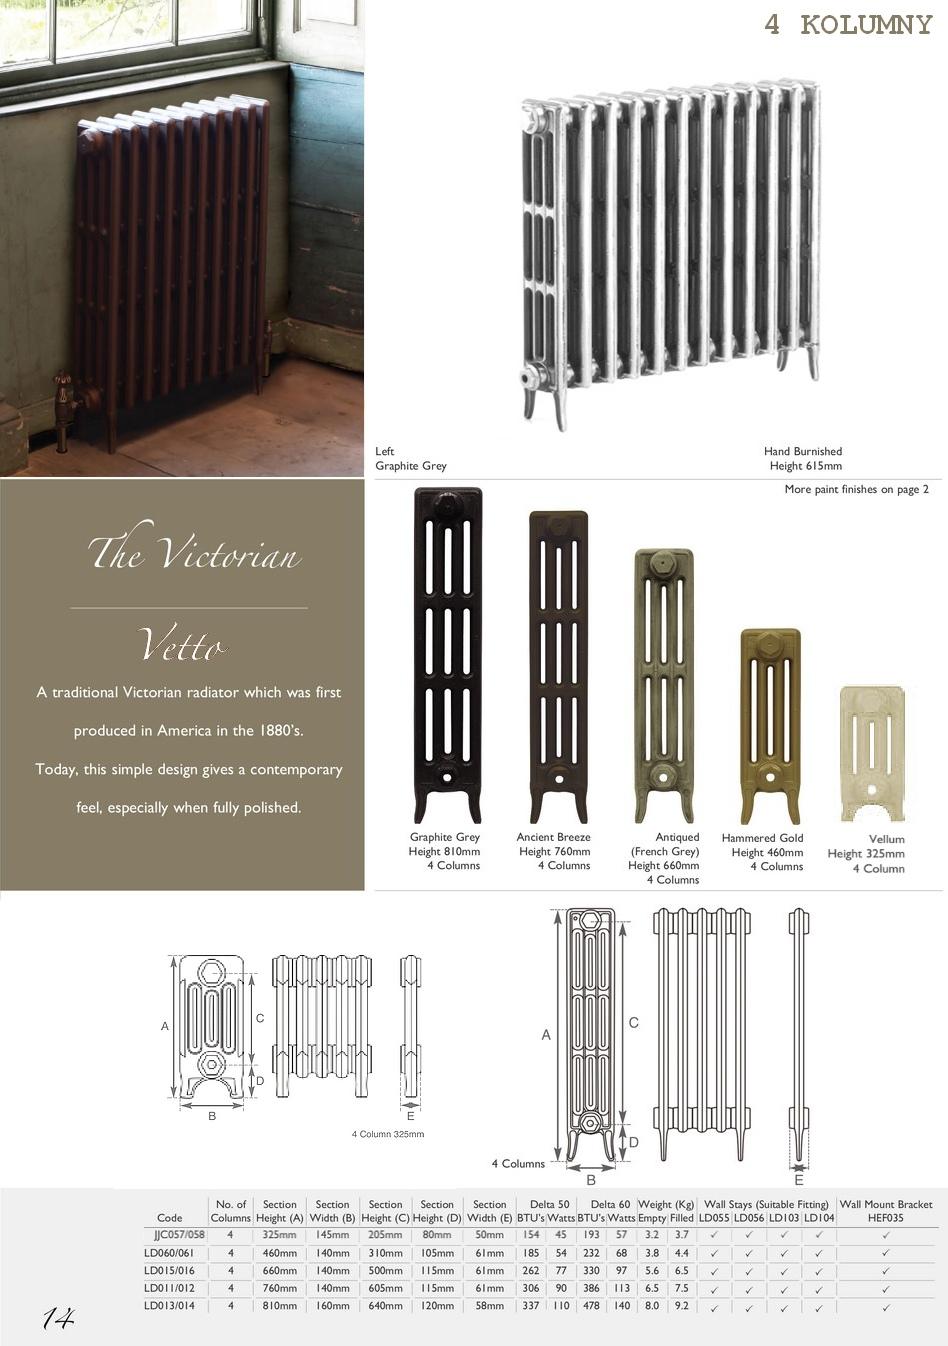 vivtorian_vetto_grzejniki_radiators